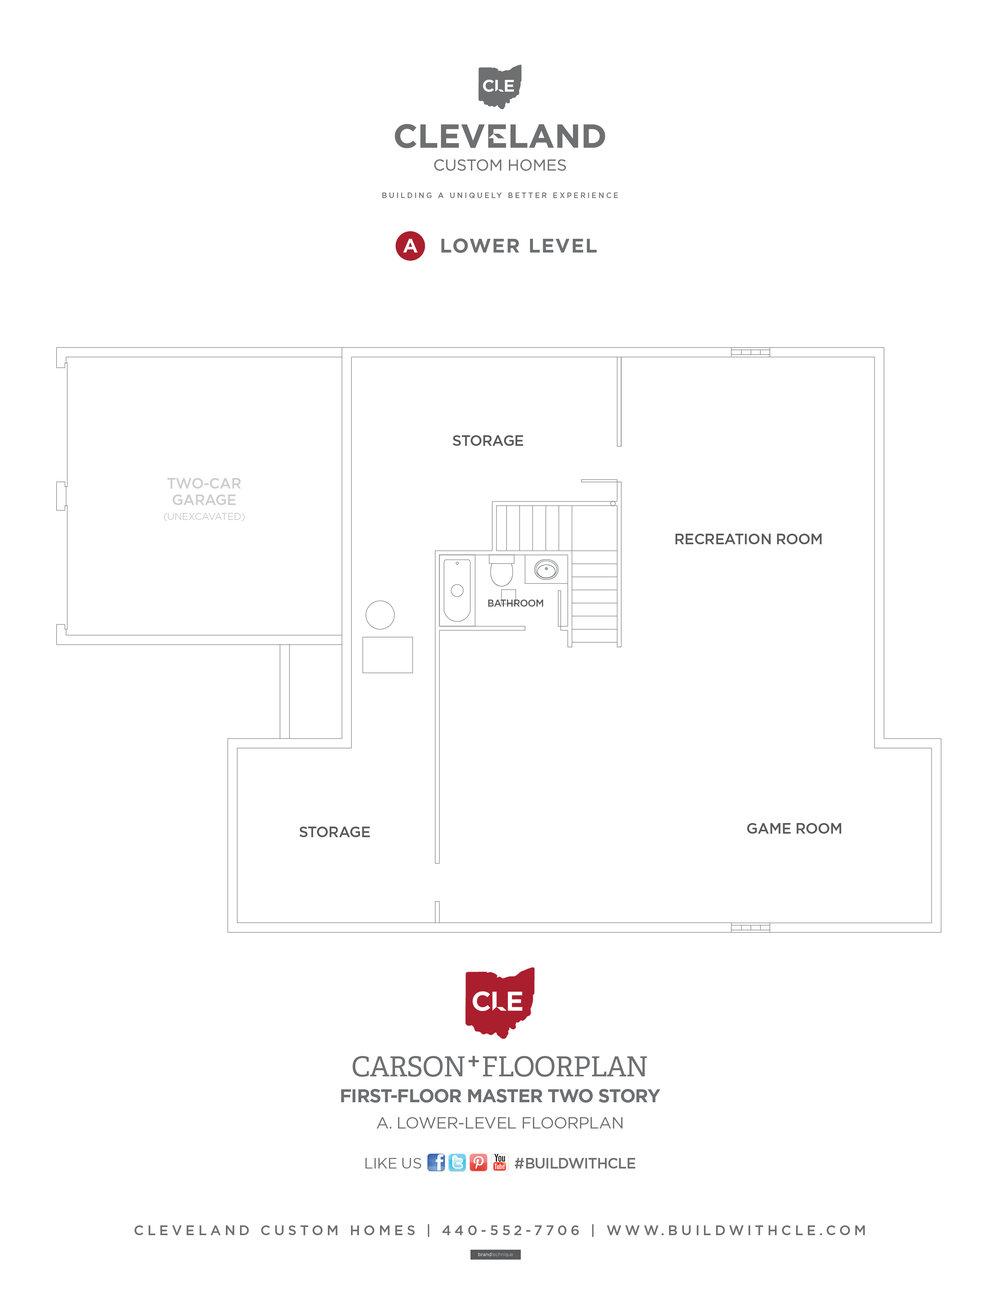 18-2535_CLE_Floorplans18.jpg